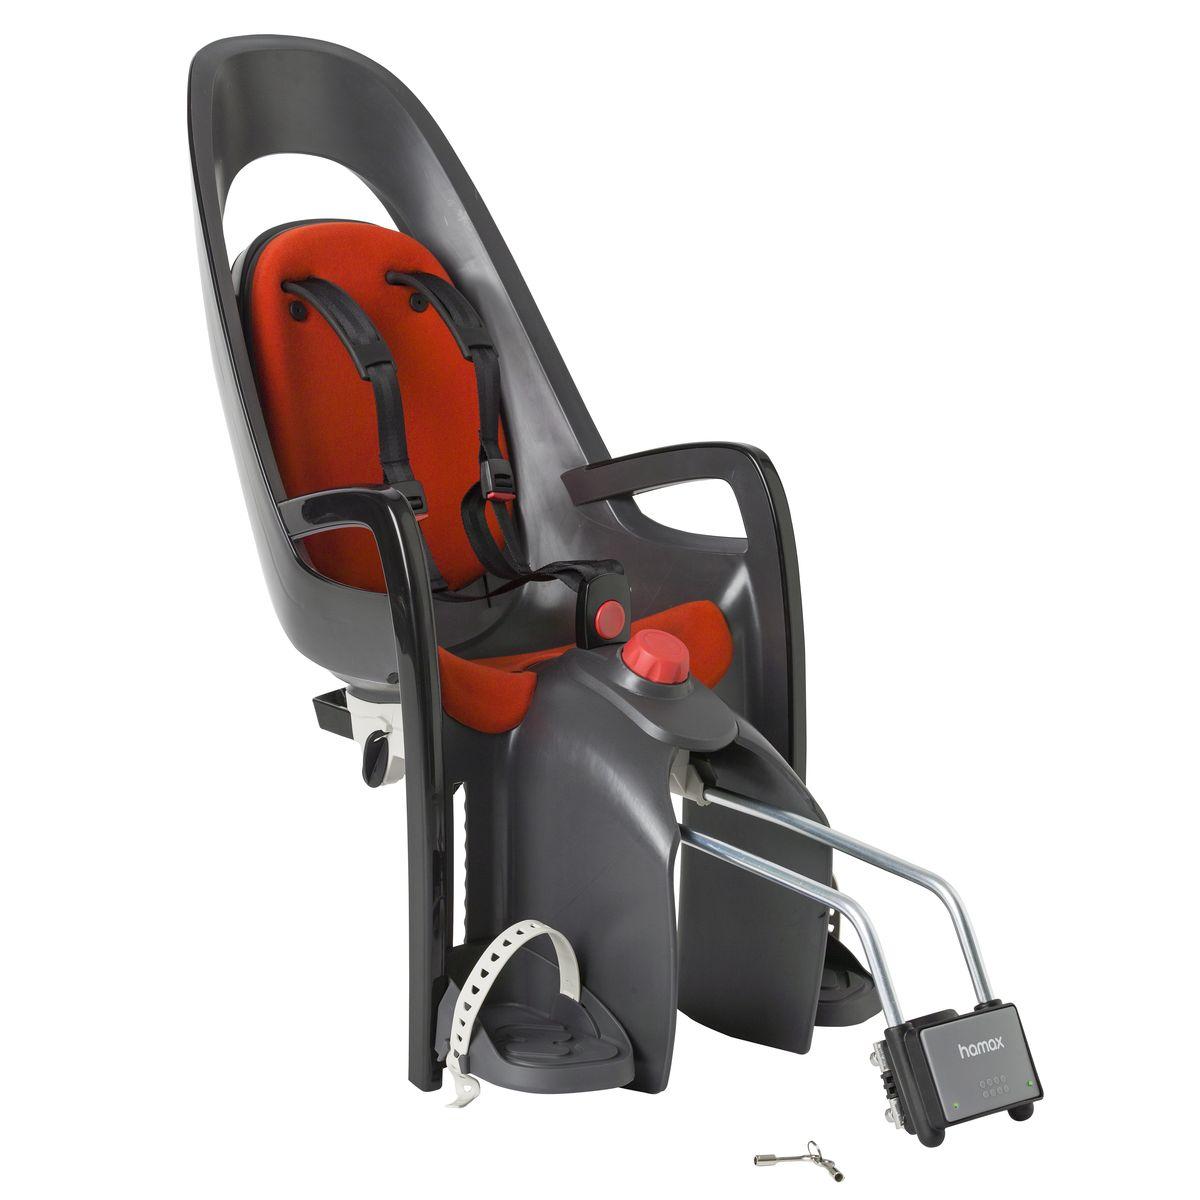 Детское кресло Hamax Caress W/Lockable Bracket, цвет: серый, красный553005Отличительные особенности Hamax Zenith Relax от Hamax Zenith - это наличие регулировки угла наклона кресла в 20°, регулируемая вверх-вниз спинка и замок фиксации кресла на велосипеде с ключом.Дополнительные мягкие пряжки для фиксации ребенка в кресле очень легкие и комфортные, но при этом обеспечивают надежную фиксацию ребенка в велокресле, позволяя при необходимости совершать резкие маневры и торможения. Эргономика велокресла расчитанна так что спинка кресла не будет мешать голове ребенка в моменты когда он хочет откинуться назад кресла в шлеме. Механизмы регулировки застежек позволяют комфортно отрегулировать их вместе с ростом ребенка. Особенности модели: - Регулировка высоты велокресла- Запираемый кронштейн крепления- Проработанная эргономика кресла для максимально комфортной посадки- 3-точечные ремни безопасности с дополнительным кронштейном для фиксации в районе груди и обеспечения ребенку безопасной и удобной посадки- Специальная конструкция пряжек ремней безопасности/фиксации для предотвращения саморастегвания ребенка- Простое в использование, полностью соответствующее всем Европейским стандартам безопасности- Возможность установить на любом велосипеде как с багажником, так и без- Предназначенно для детей в возрасте старше 9 месяцев и весом до 22 кг- Регулируемый ремень безопасности и подножки- Регулировка подножек одной рукой- Встроенные отражатели для улучшения видимости кресла- Мягкие плечевые пряжки ремней- Детское велосиденье благодаря удобному и надежному замку фиксации легко ставиться и снимаеться с велосипеда- Несущие дуги крепления велокресла обеспечивает отличную амортизацию- Подходит для подседельных труб рамы велосипеда диаметром от 28 до 40 мм (круглые и овальные) - Система крепления велокресла не мешает тросам переключения передачГид по велоаксессуарам. Статья OZON Гид